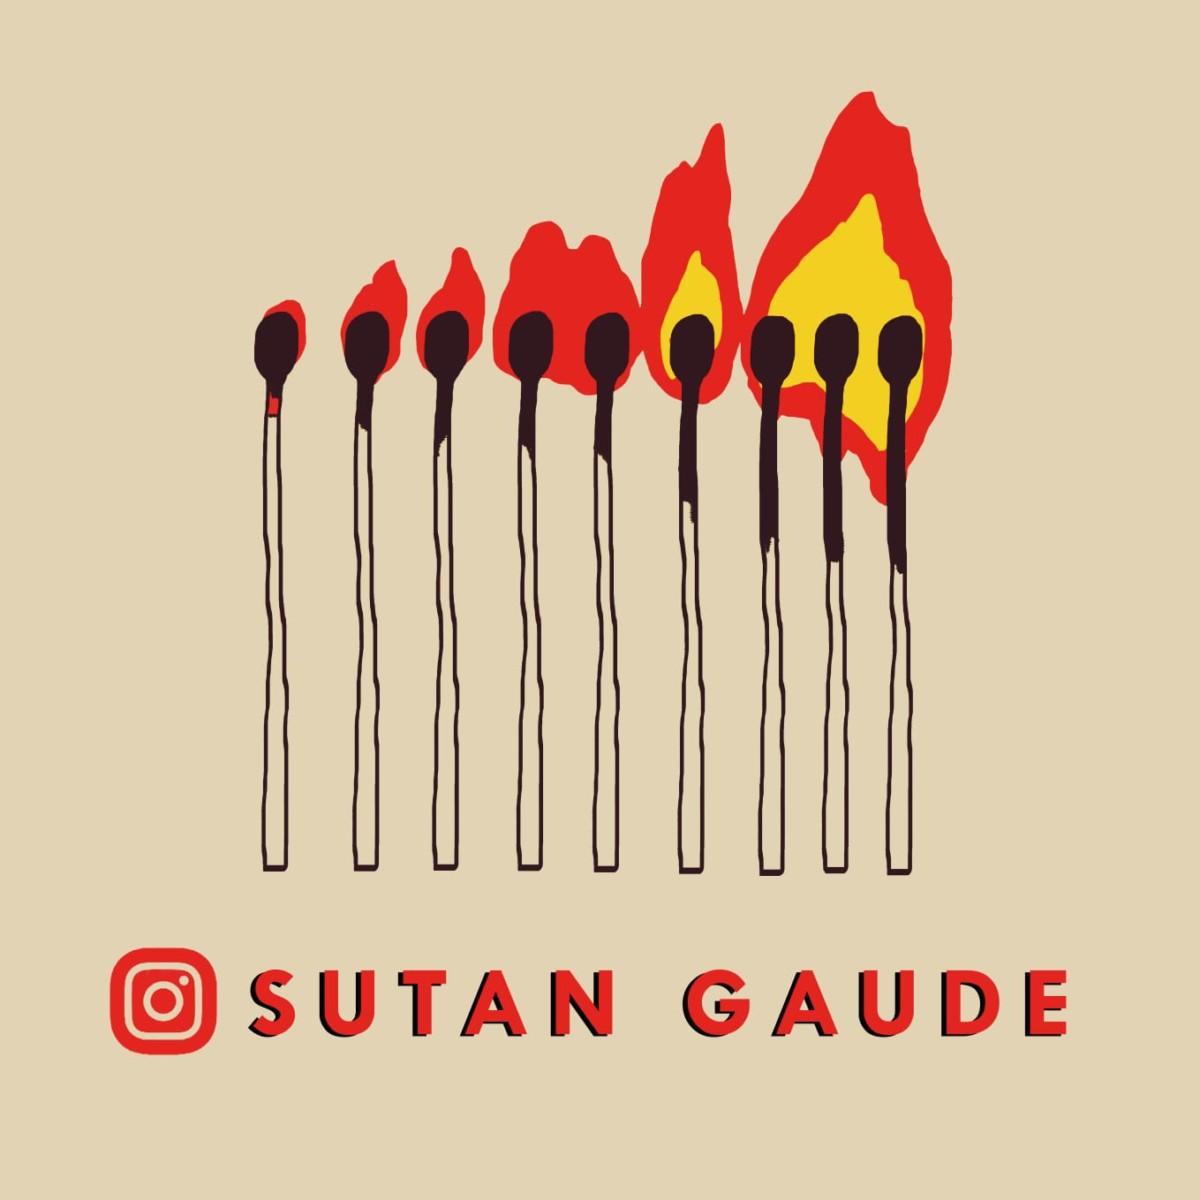 Nace  'Sutan  gaude!',  un  proyecto  para  denunciar  los  empleos  precarios  de  Gasteiz